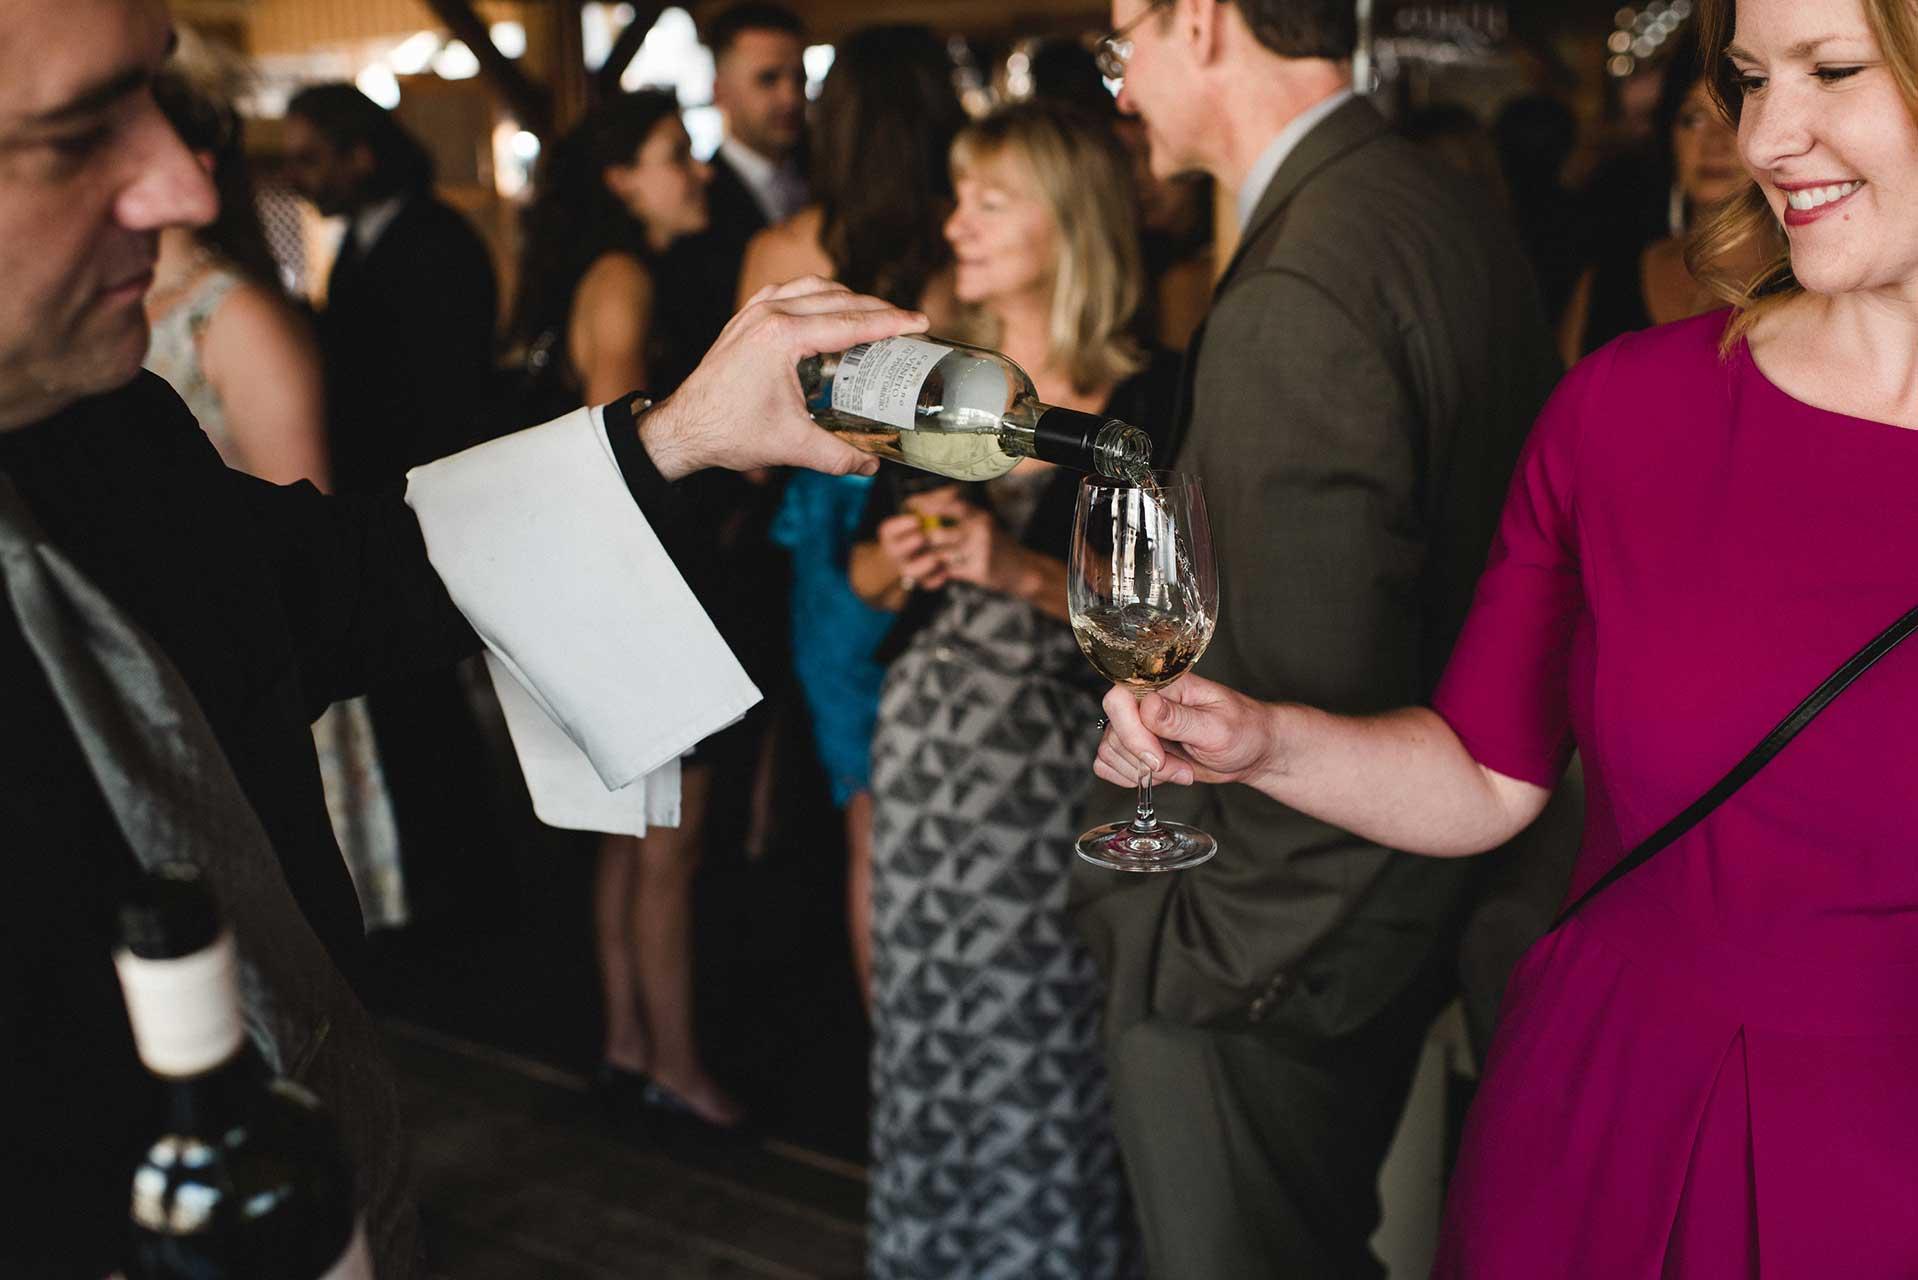 Unique Wedding Venues Toronto - Rooftop Terrace - Cocktail Hour